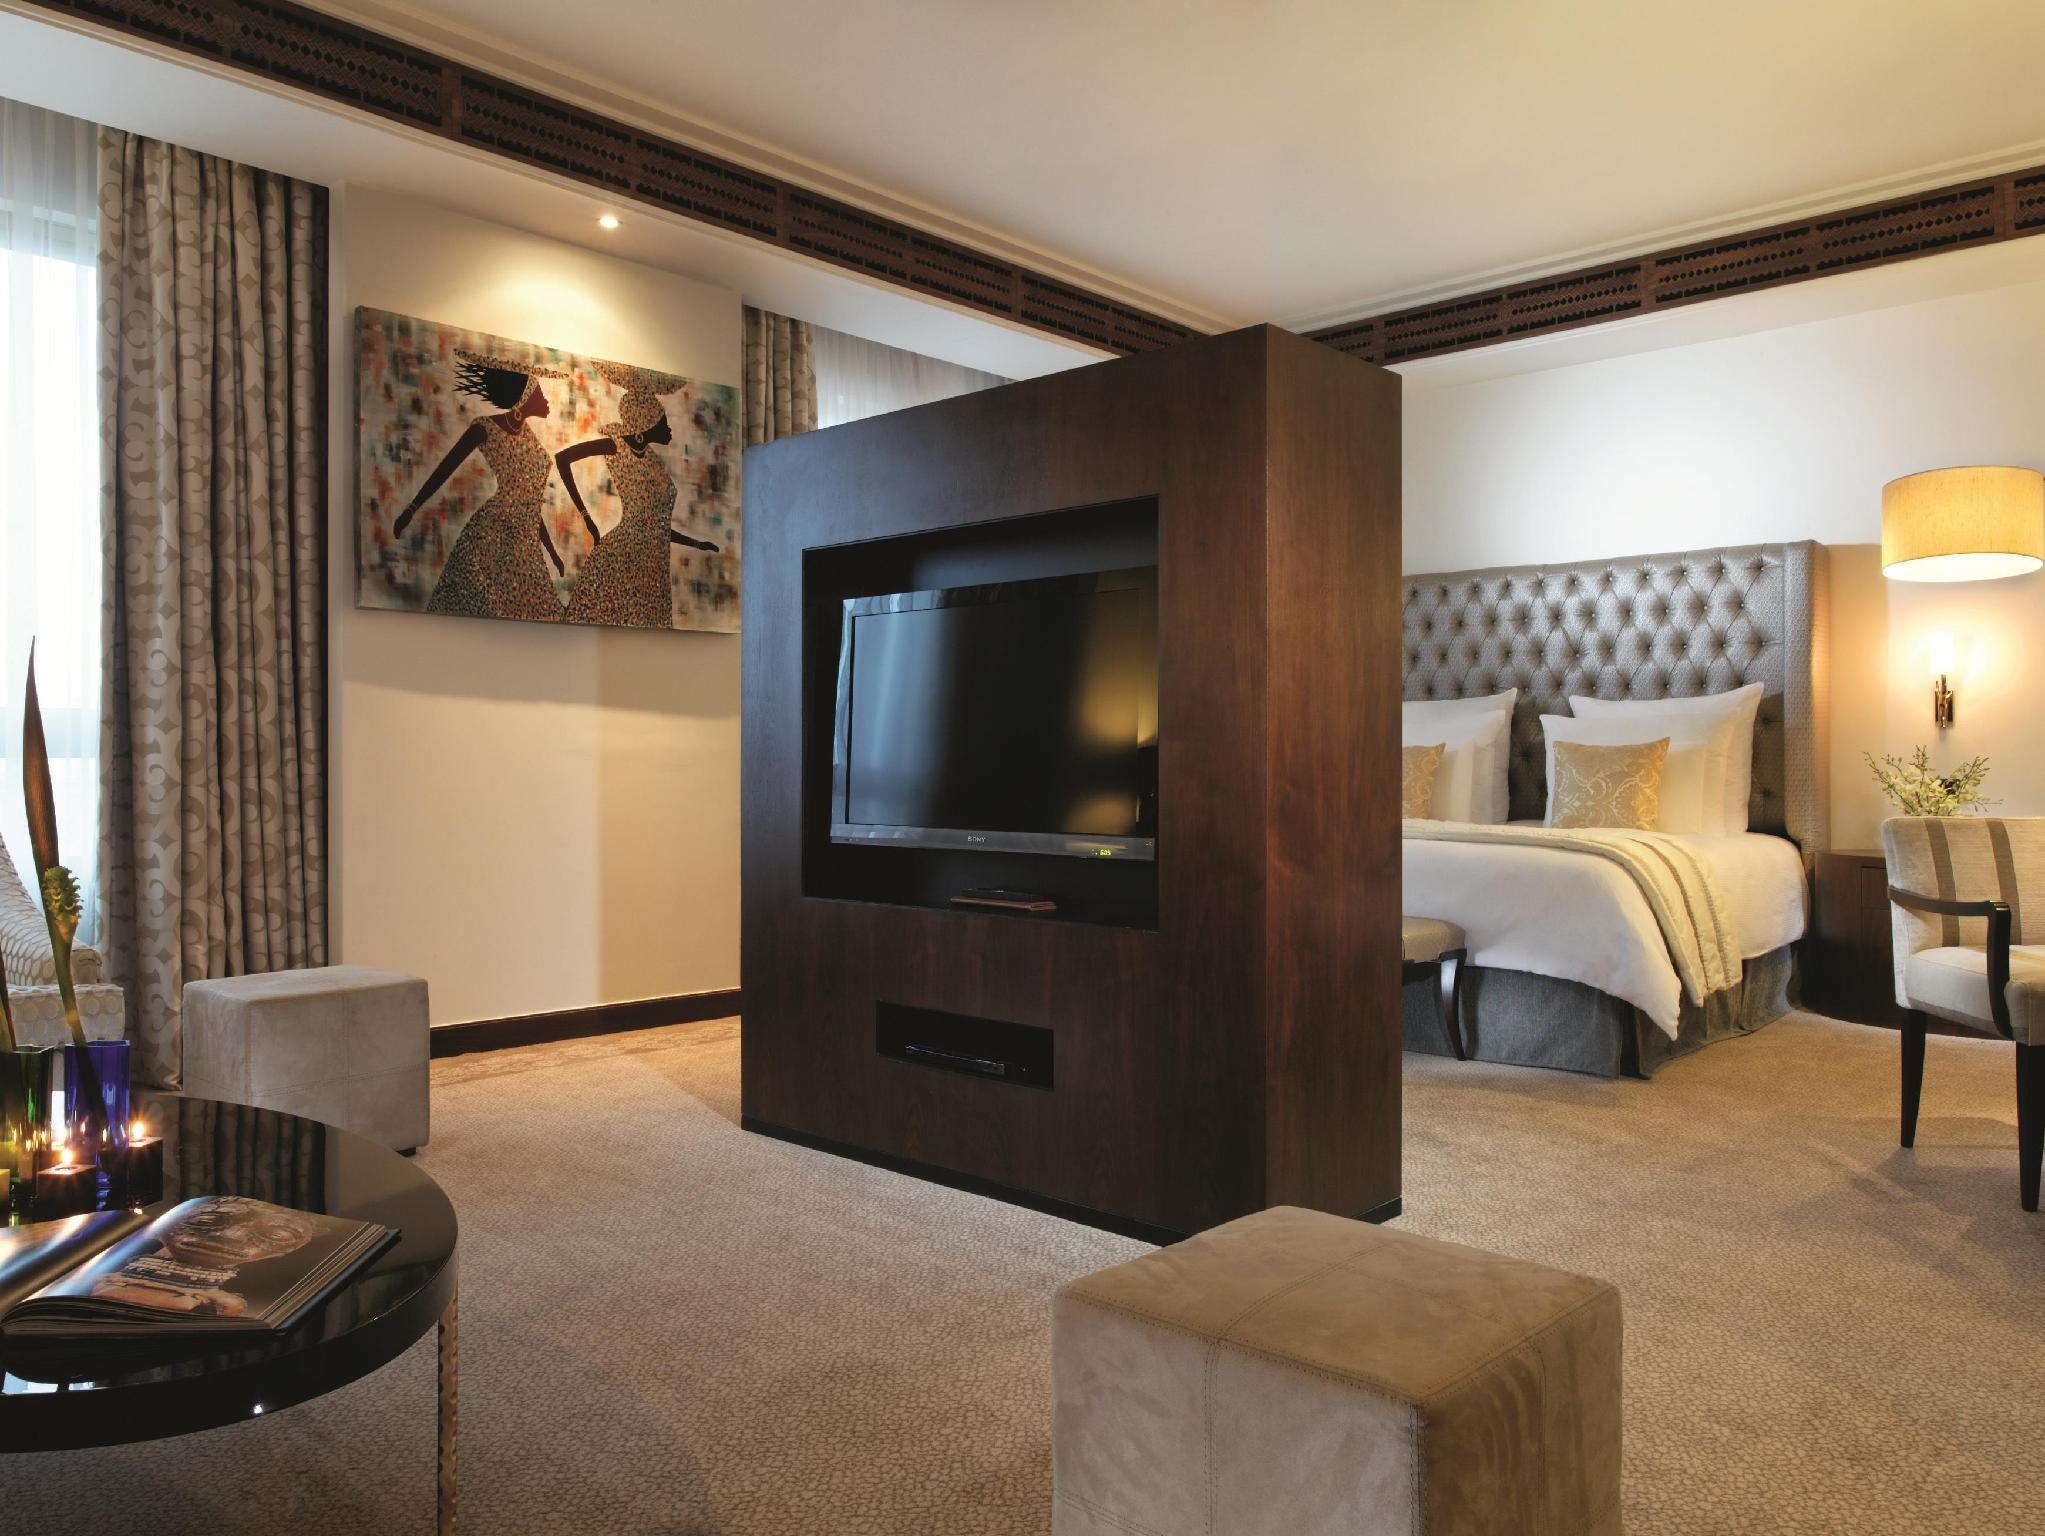 Image result for Ambassador Suite - King Mövenpick Ambassador Hotel Accra